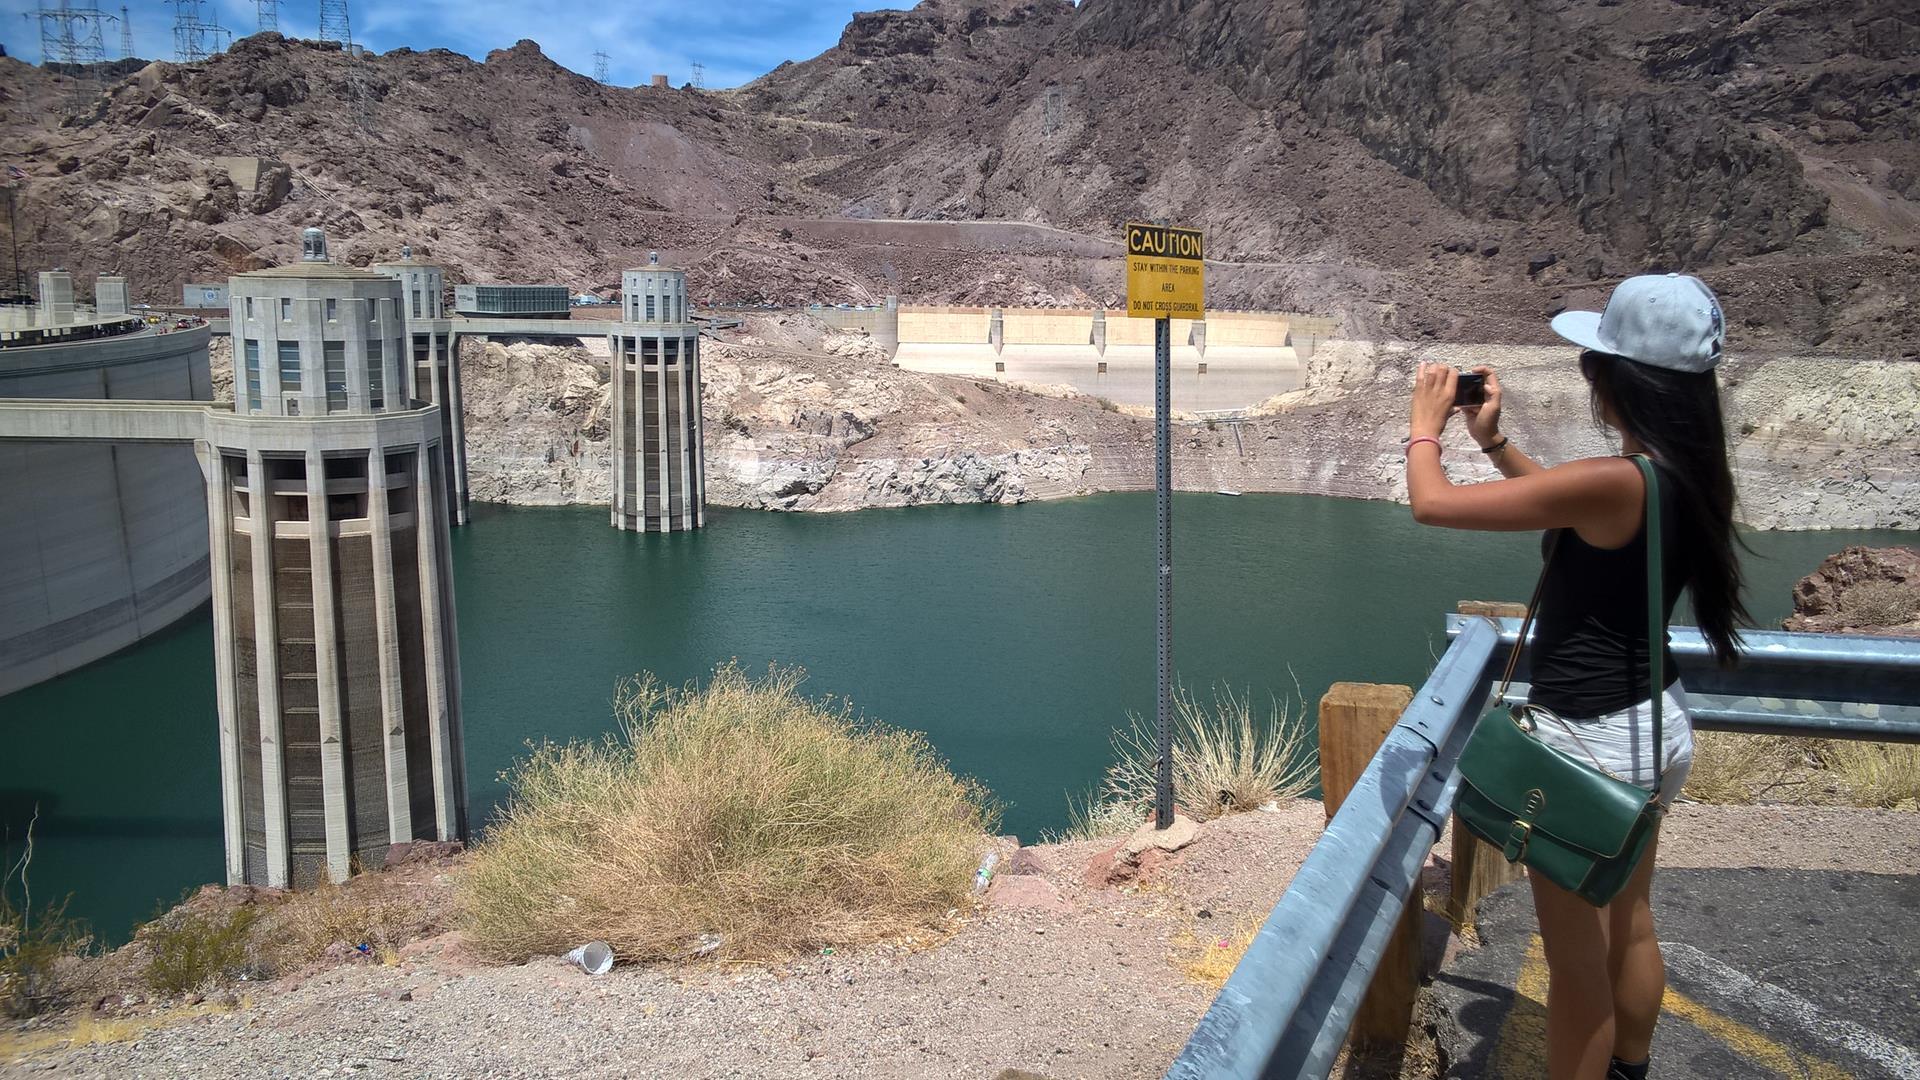 Wasser ist noch da, allerdings ist der Pegel schon gut zurück gegangen